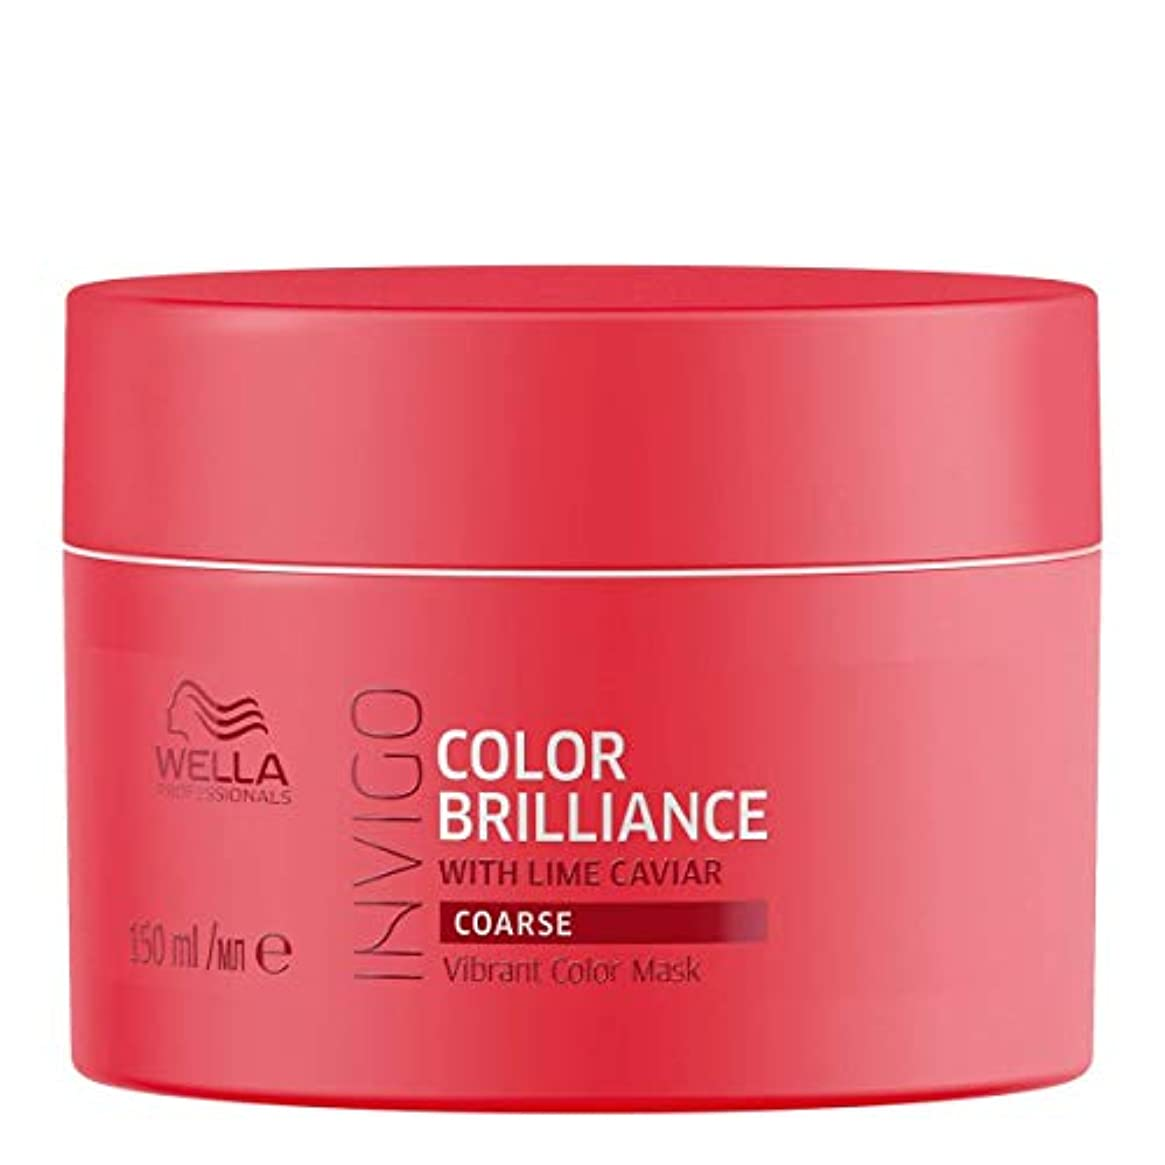 評判白菜残酷なウエラ インヴィゴ コース カラー マスク Wella Invigo Color Brilliance With Lime Caviar Coarse Vibrant Color Mask 150 ml [並行輸入品]